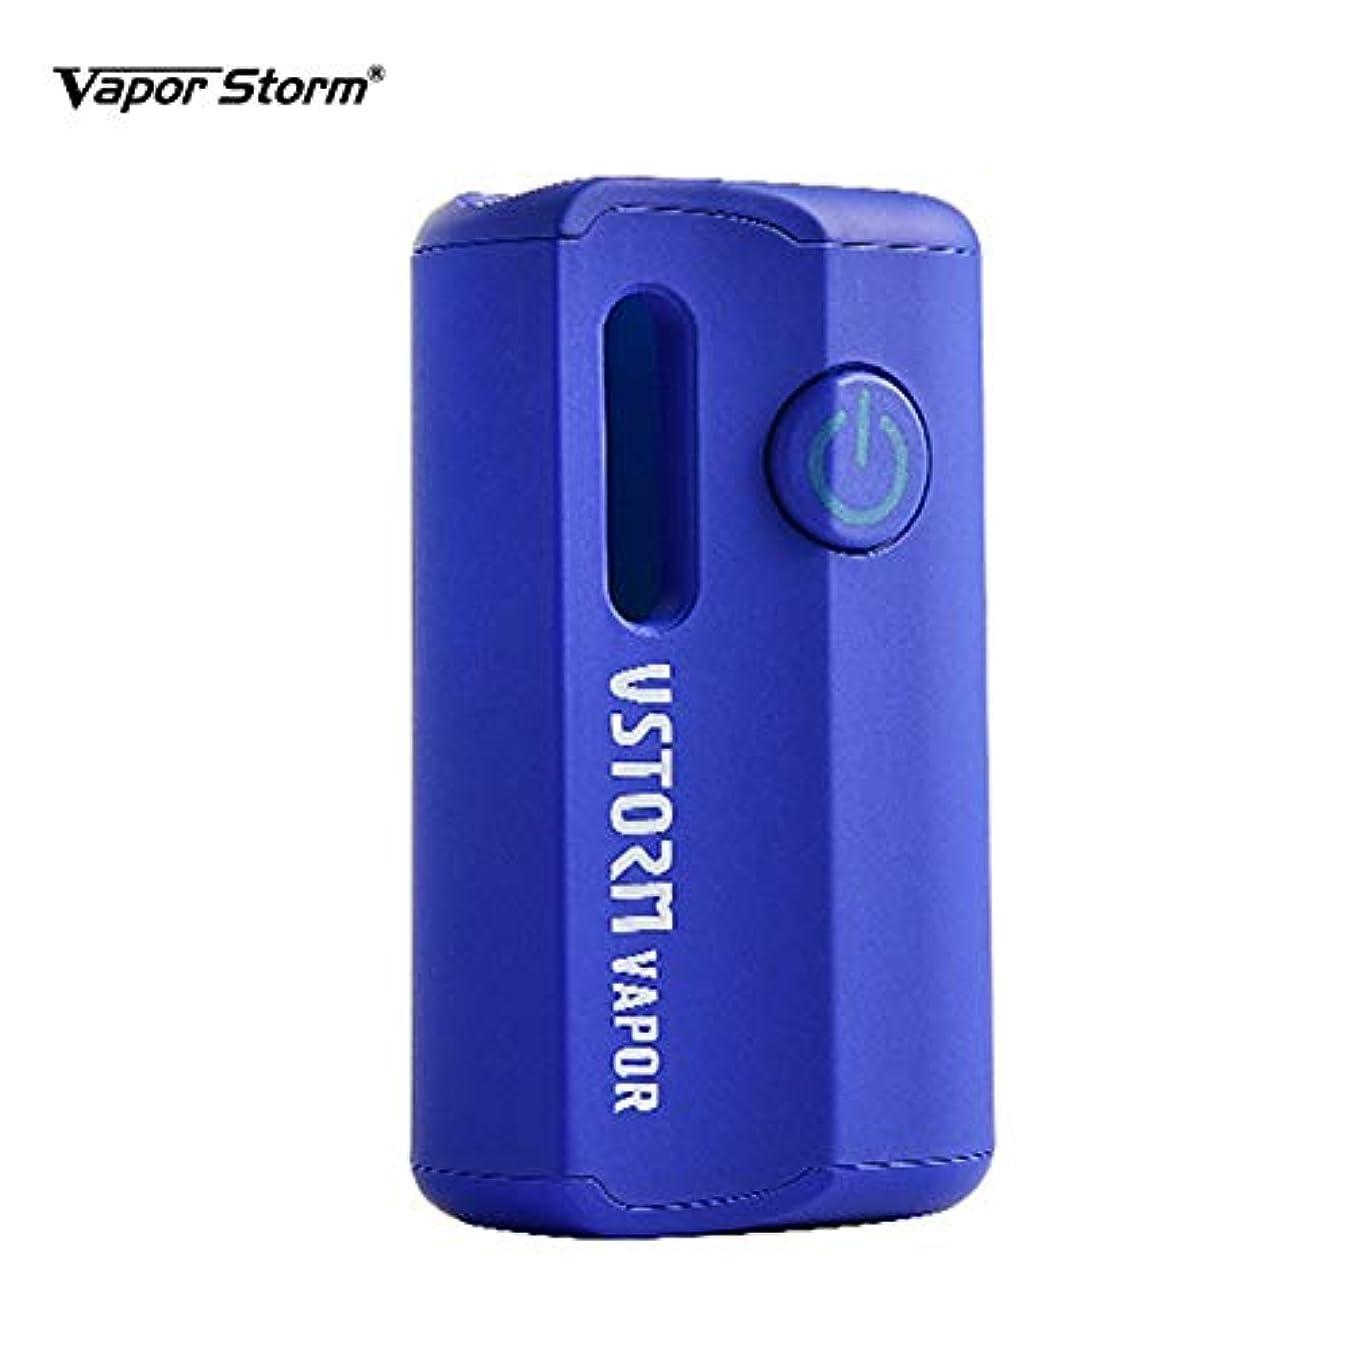 モバイル勧告座るShioyaw vapor storm M1 mod ミニ 電子たばこ 800mah パワー調節機能付き 禁煙減煙サポート おすすめ おしゃれ 禁煙セット(ブルー)